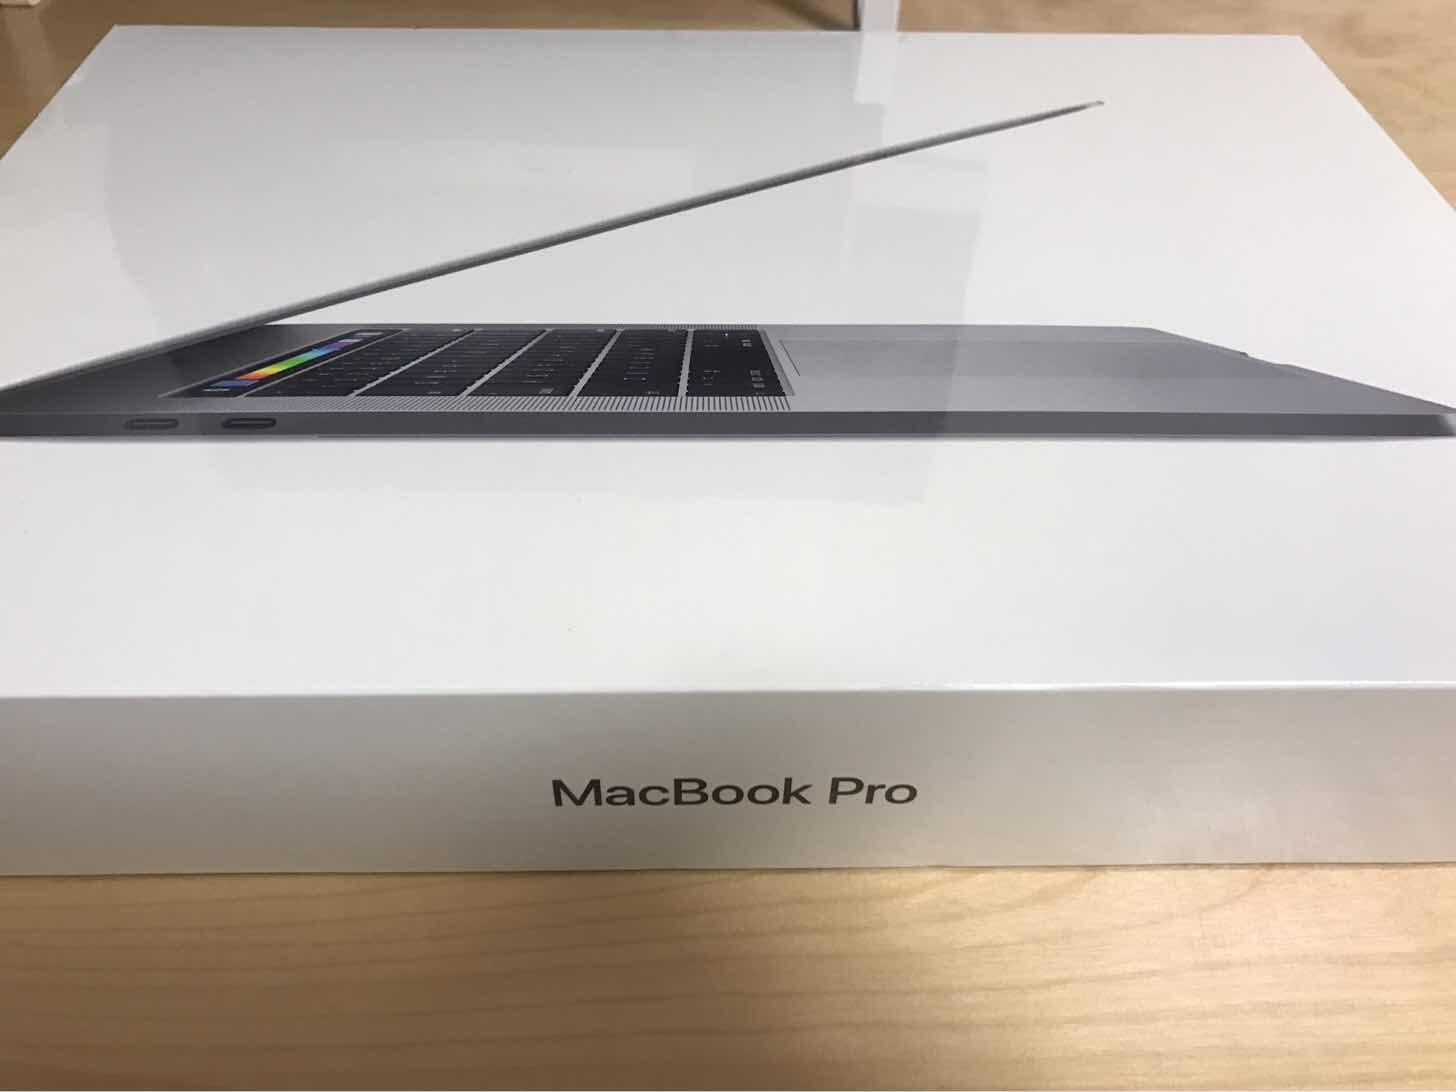 MacBook Pro2017 15インチTouch Barモデルを購入!MacBook Airから乗り換え→Retinaディスプレイに感動!!